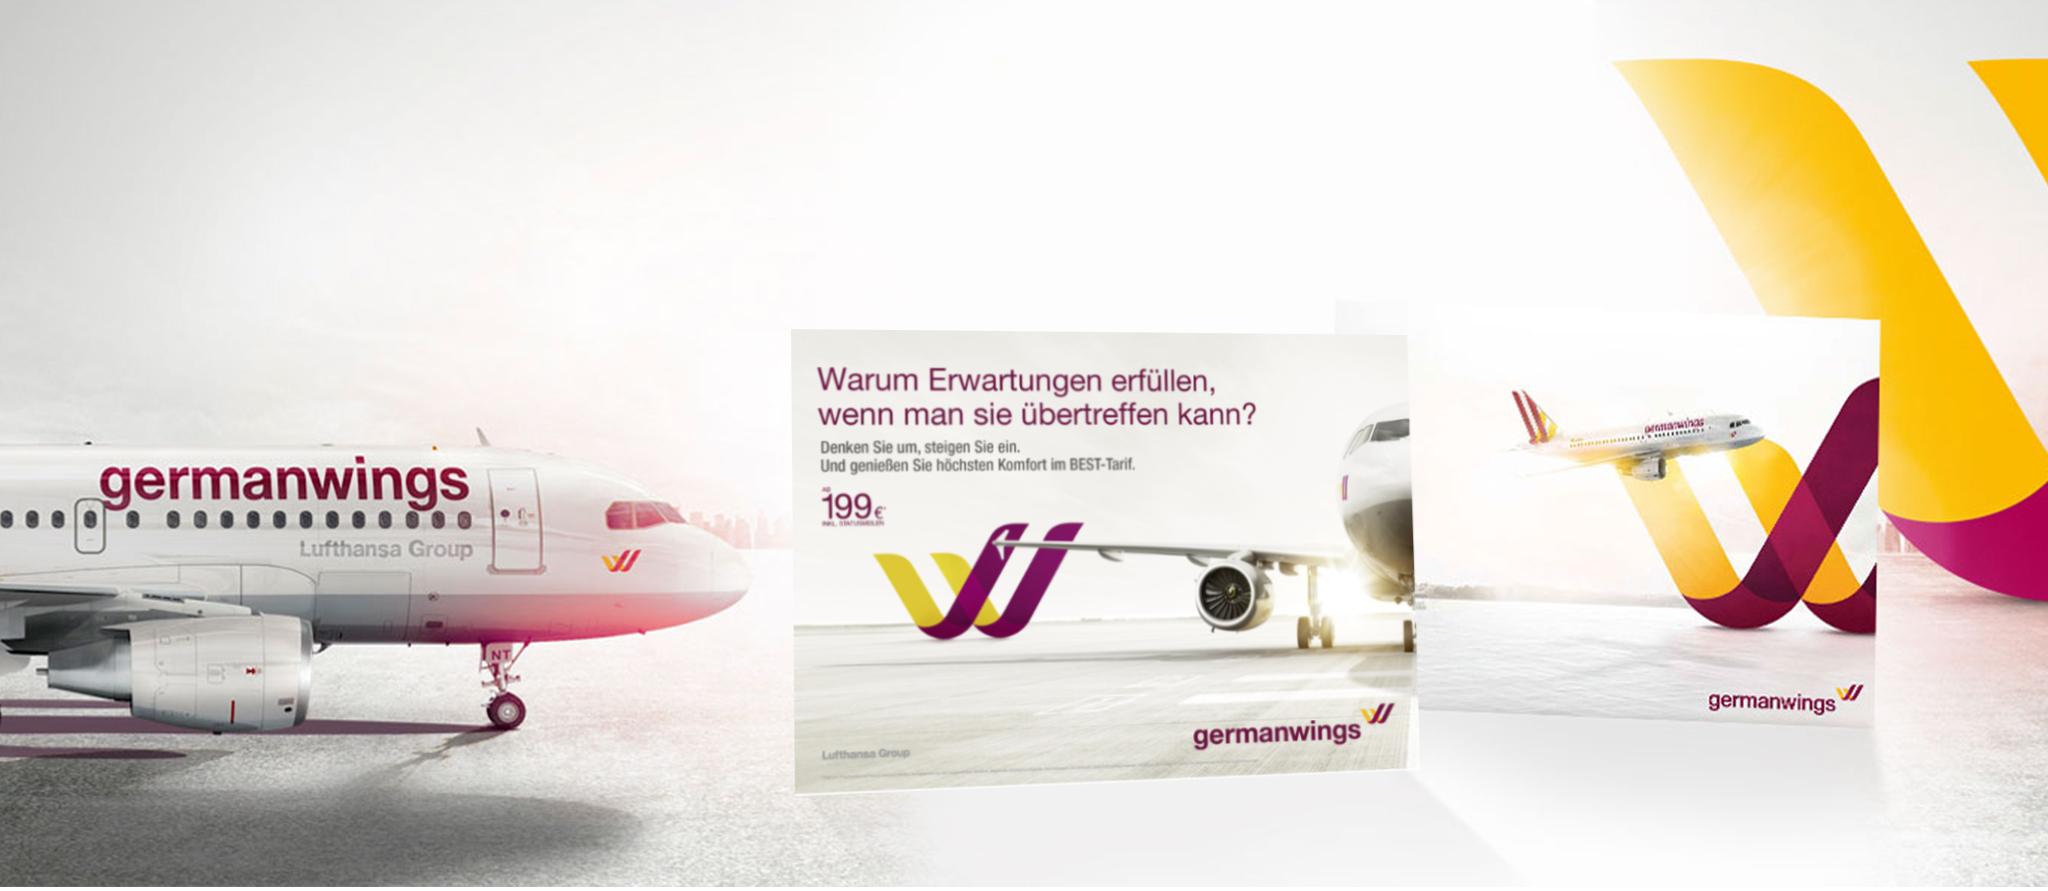 Germanwings_page_03